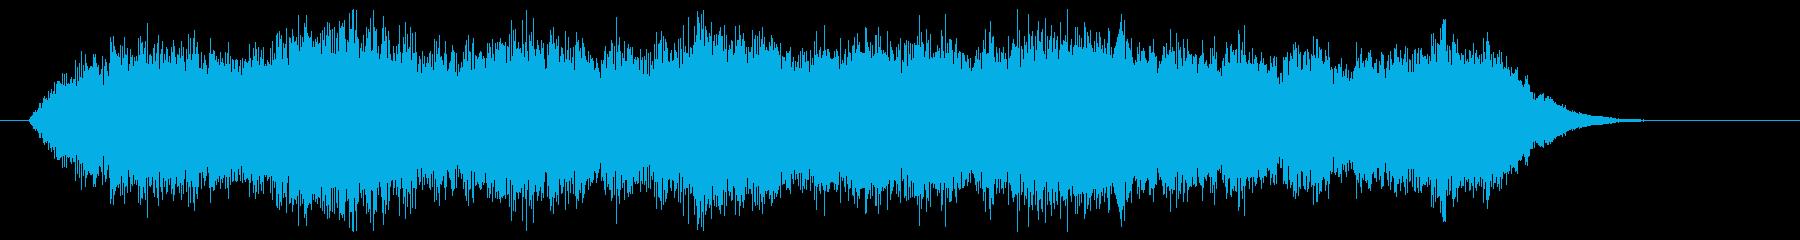 タイトル、ロゴ、テロップ等、映像BGMにの再生済みの波形